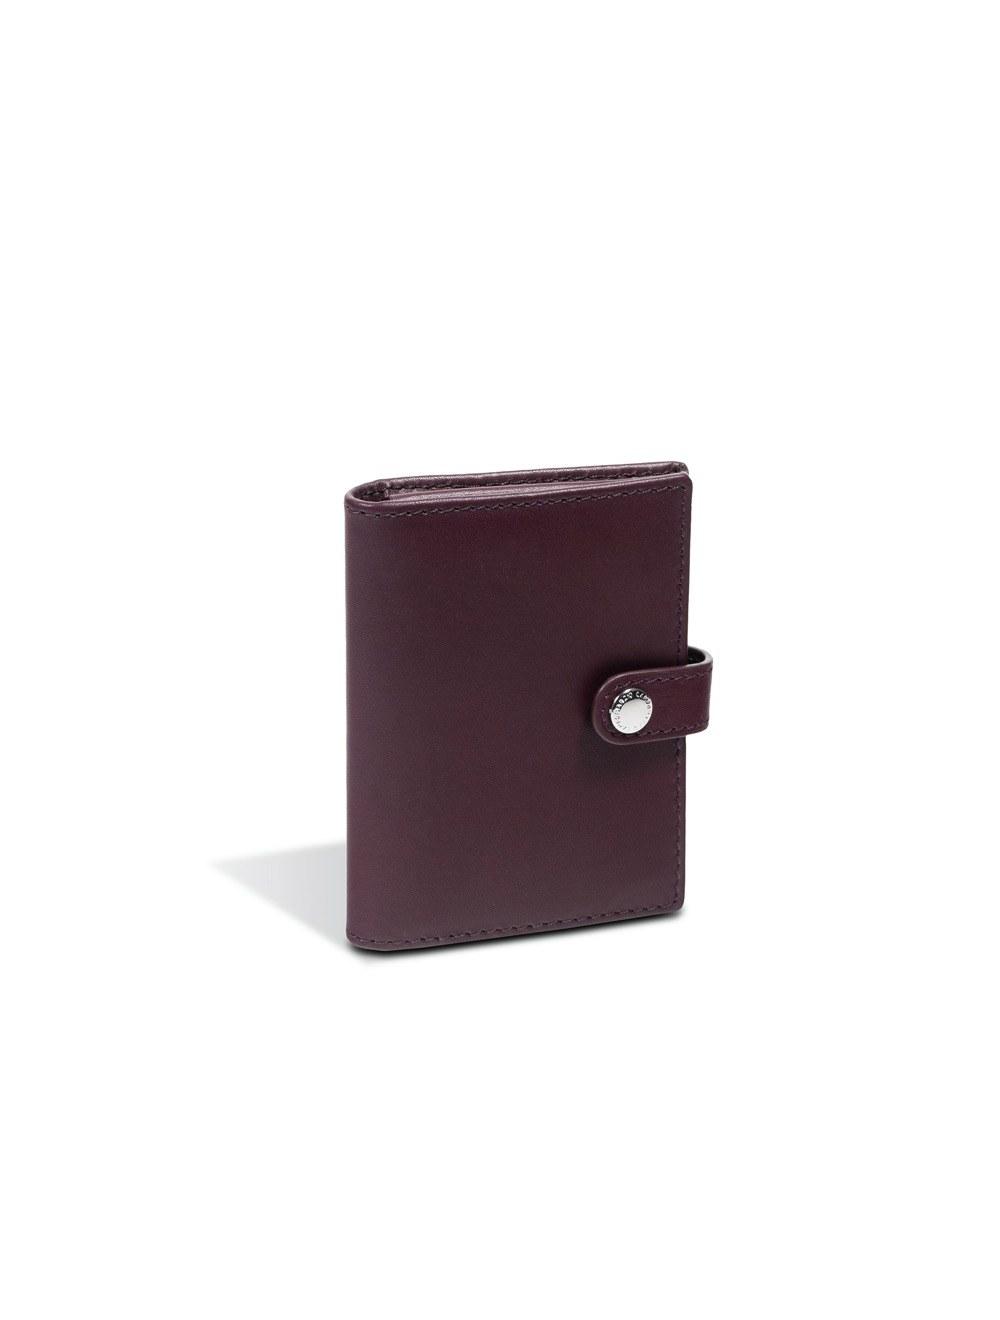 Romy Business Card Holder